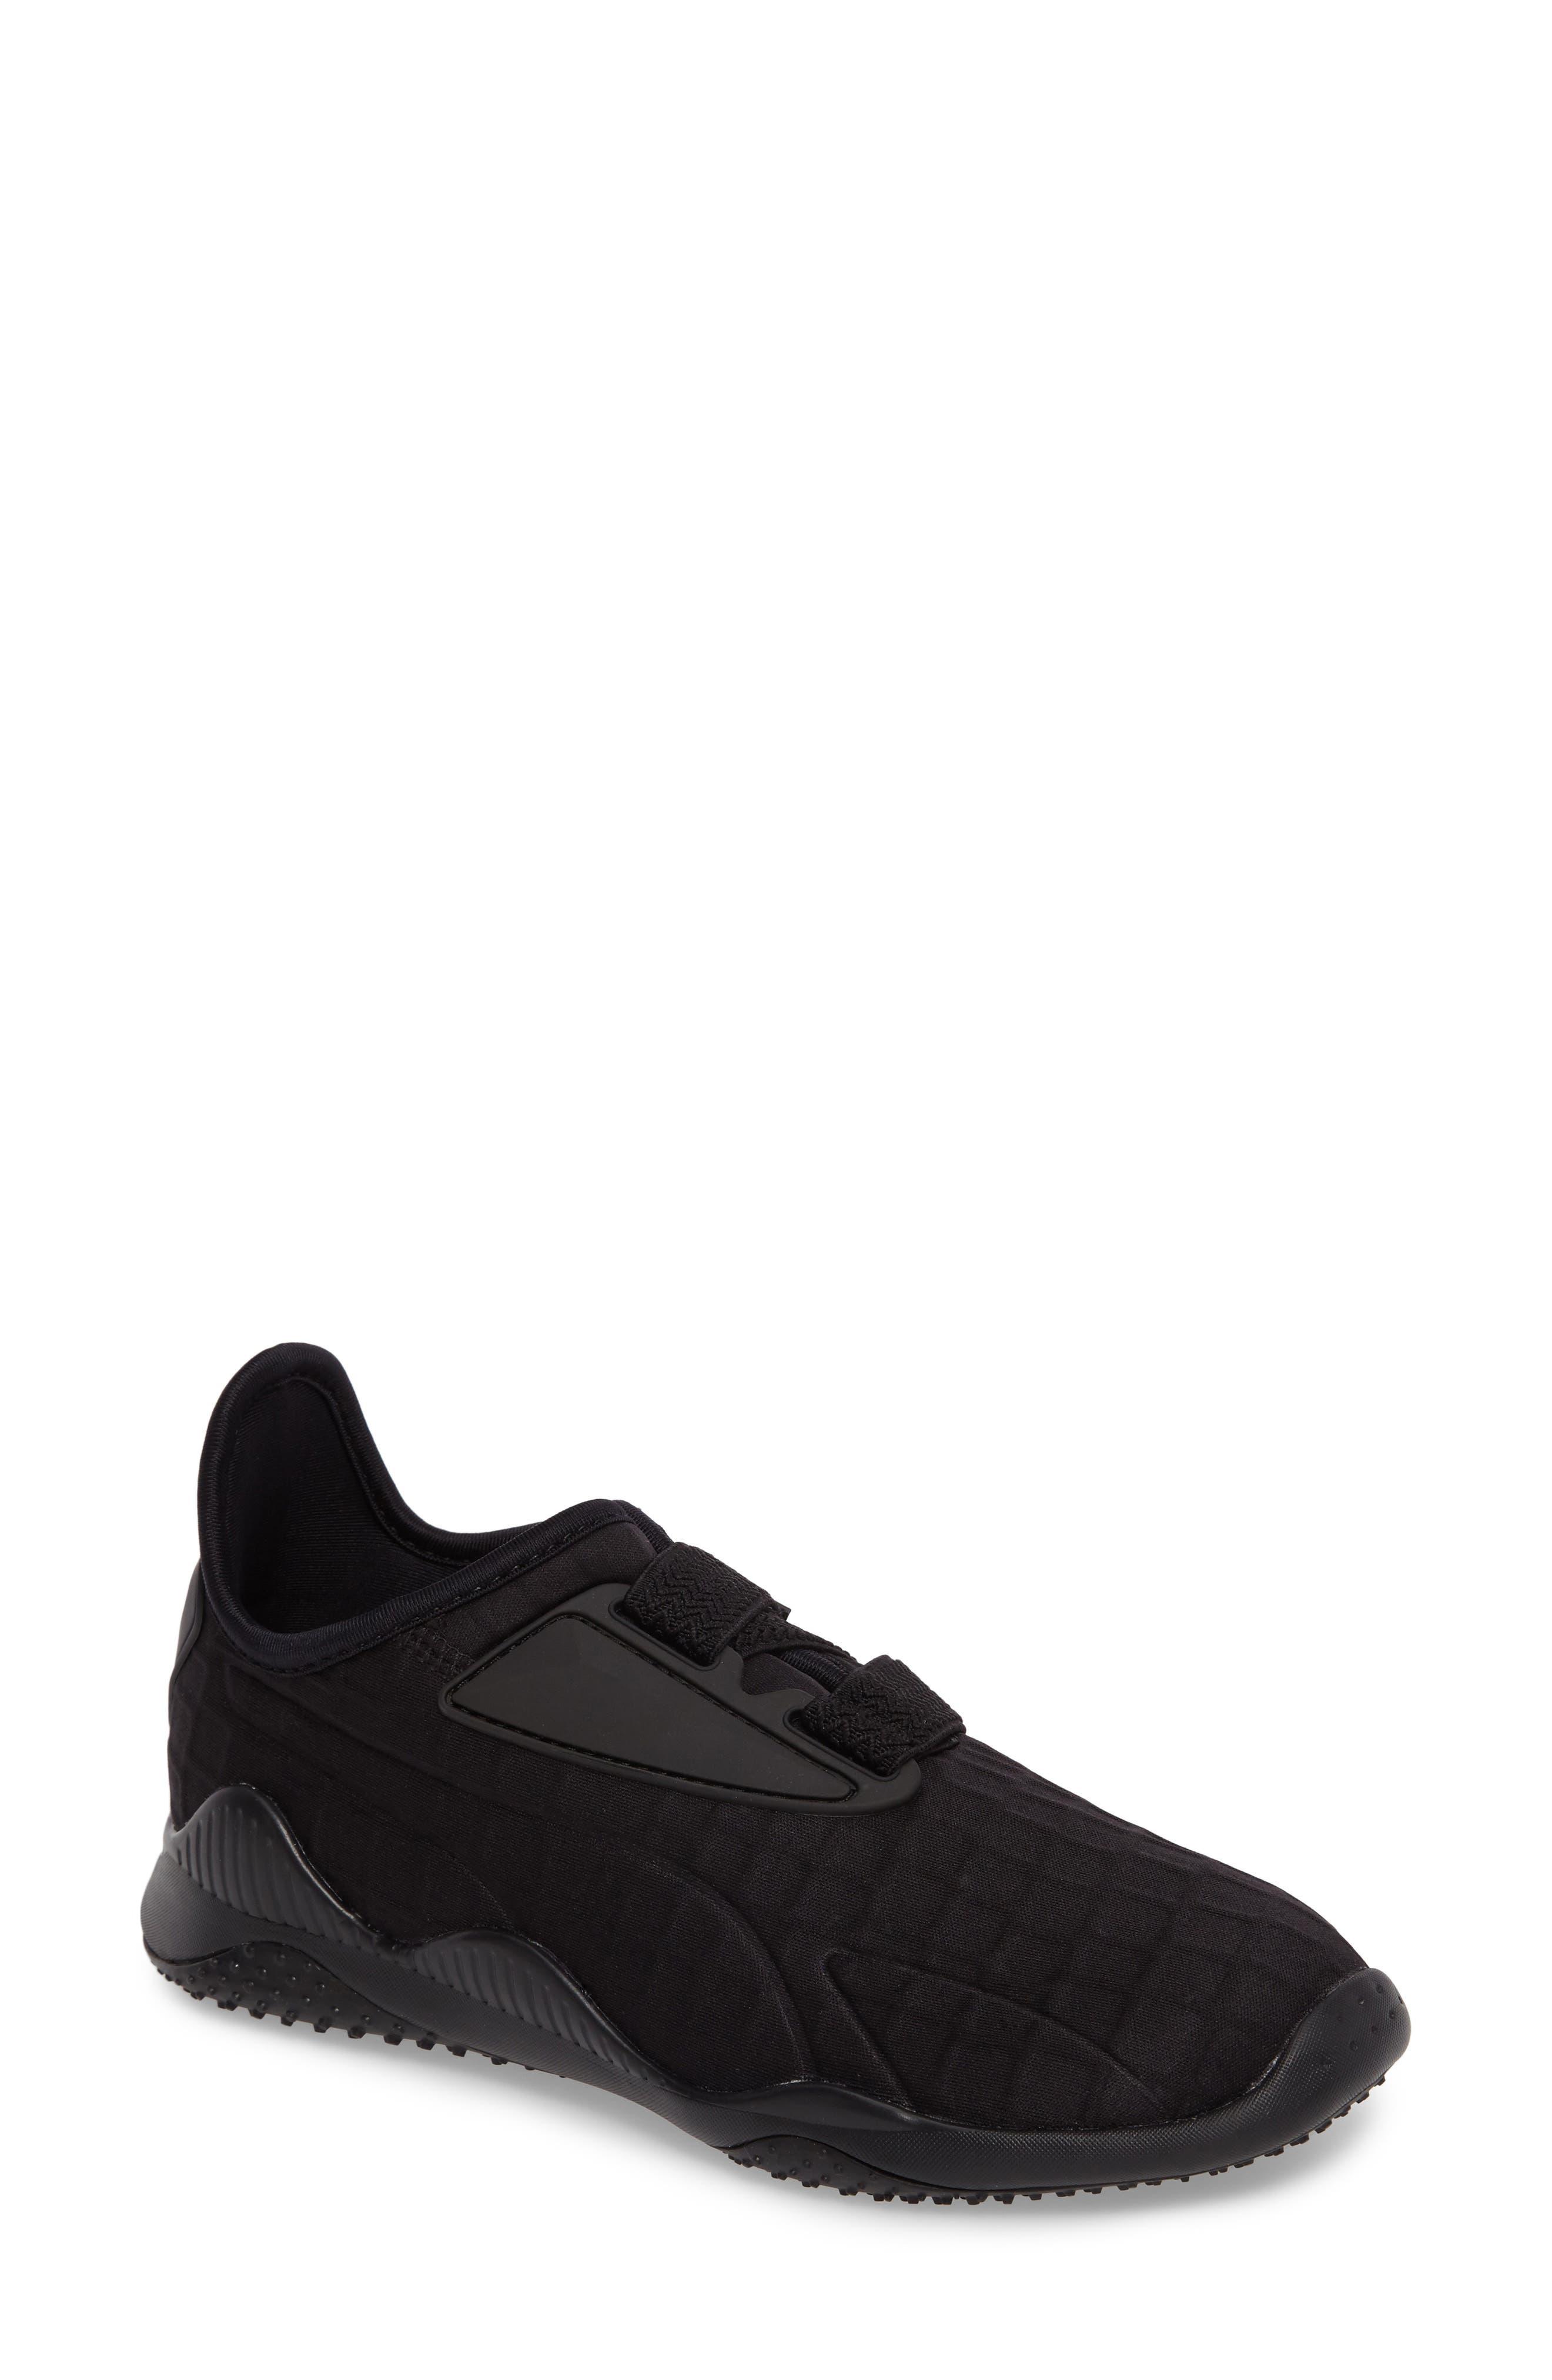 Mostro Fashion Sneaker,                         Main,                         color, Puma Black/ Puma Black